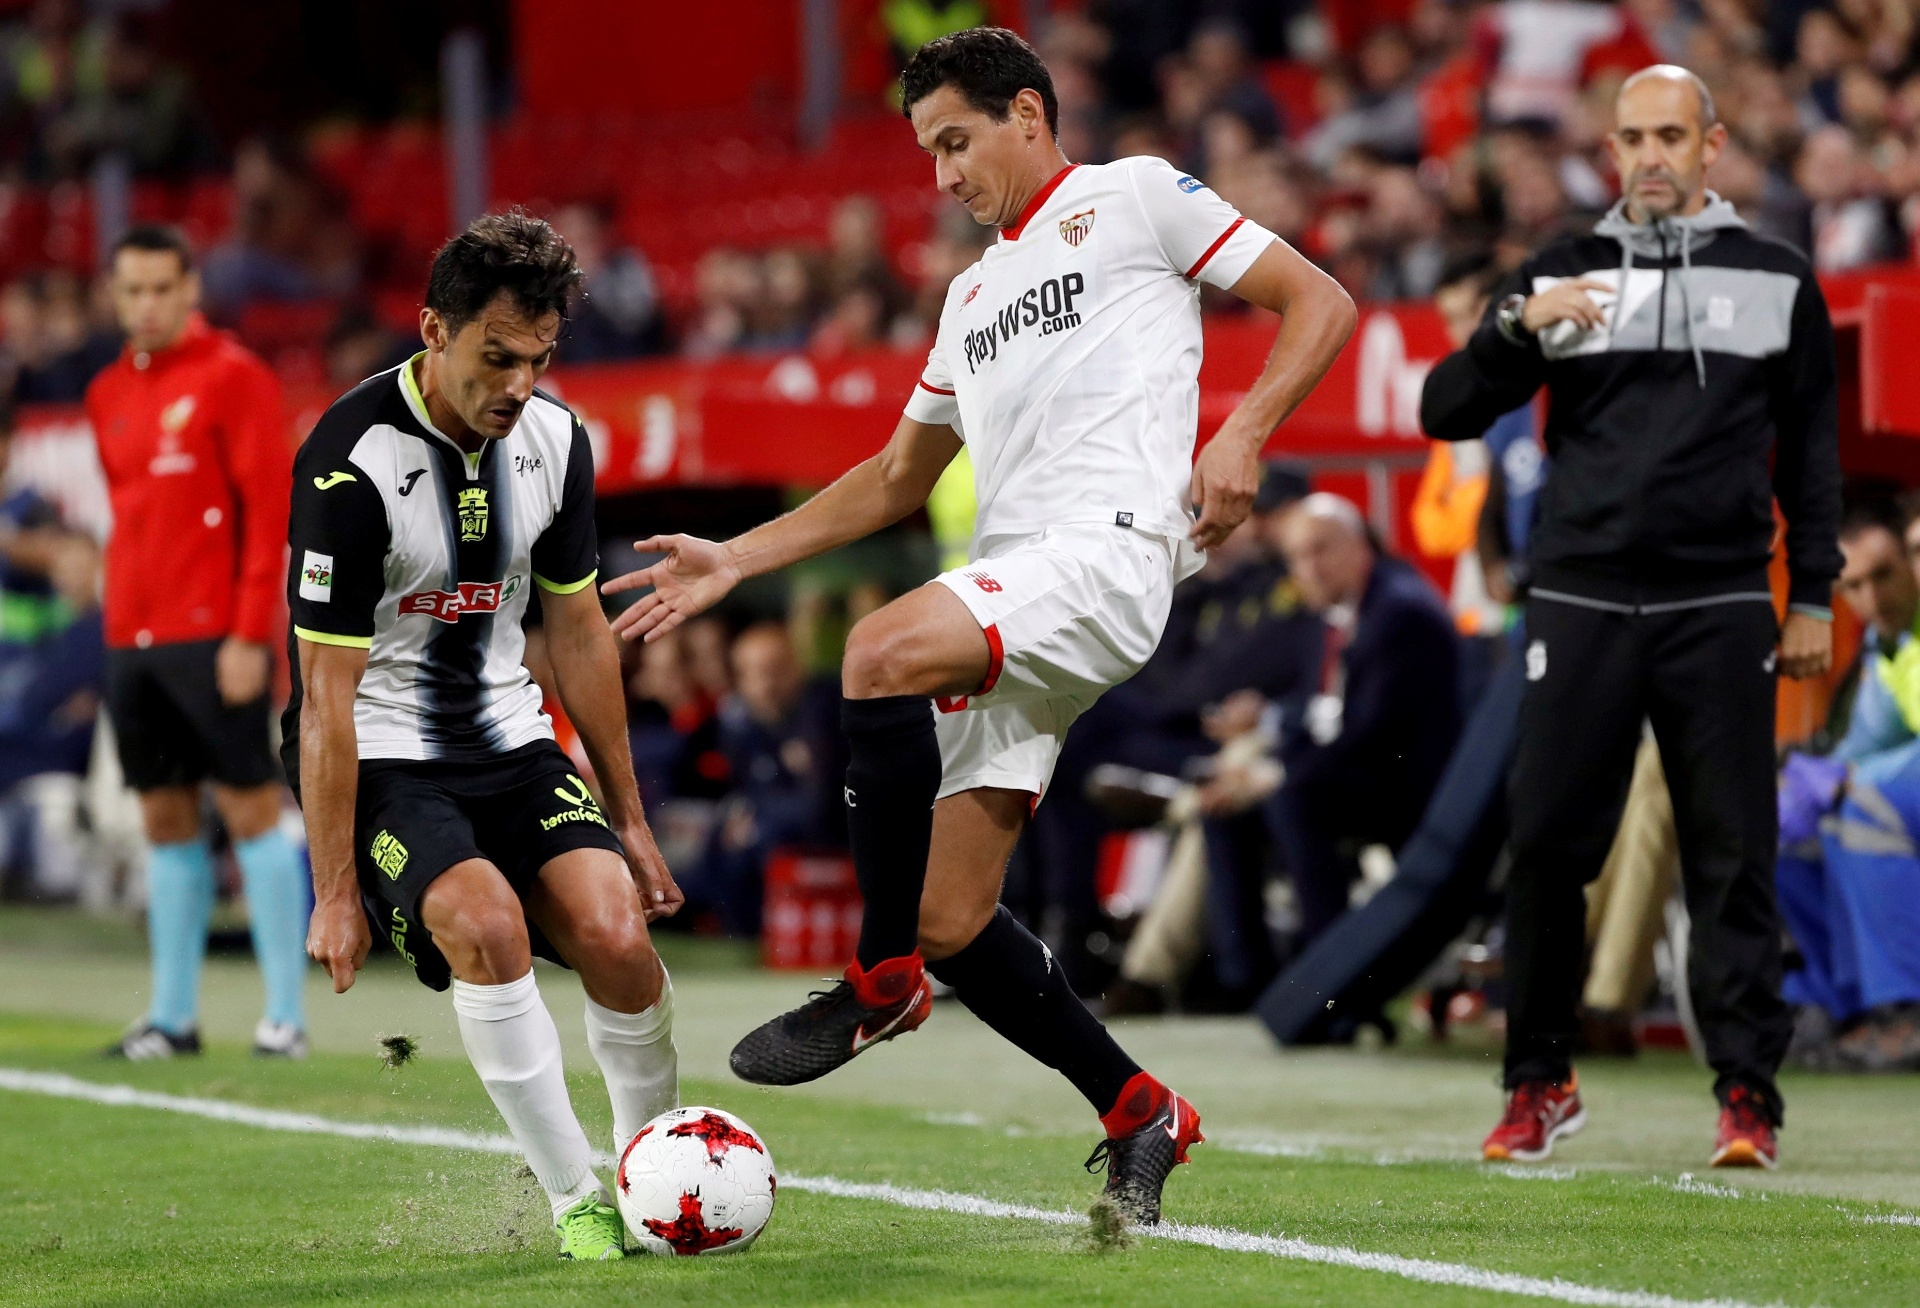 059aa6ead5 Mercado da Bola  Flamengo renova com Diego e Athletico sonda Ganso - 22 01  2019 - UOL Esporte